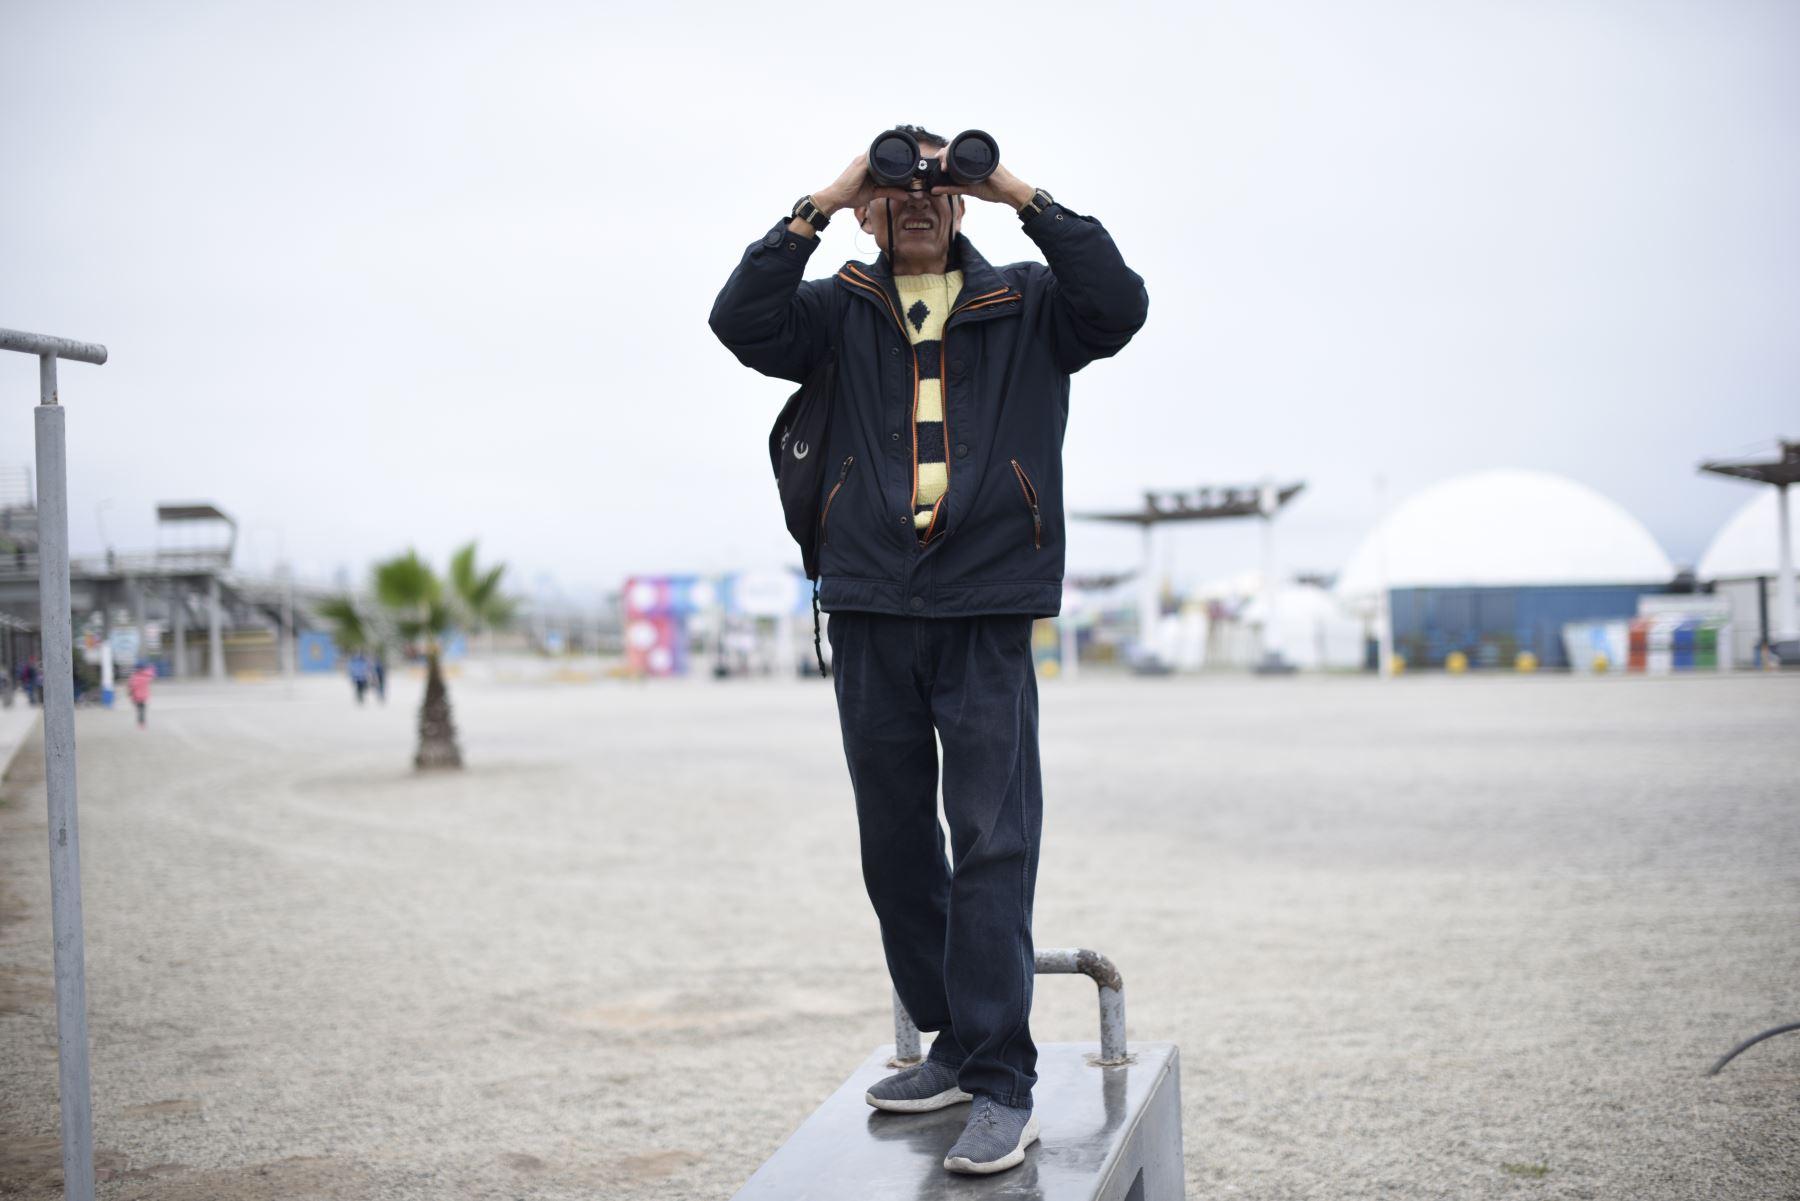 Señor con binoculares observando la competencia de Ciclismo de Ruta en la Costa Verde. Foto: ANDINA/ Lima 2019